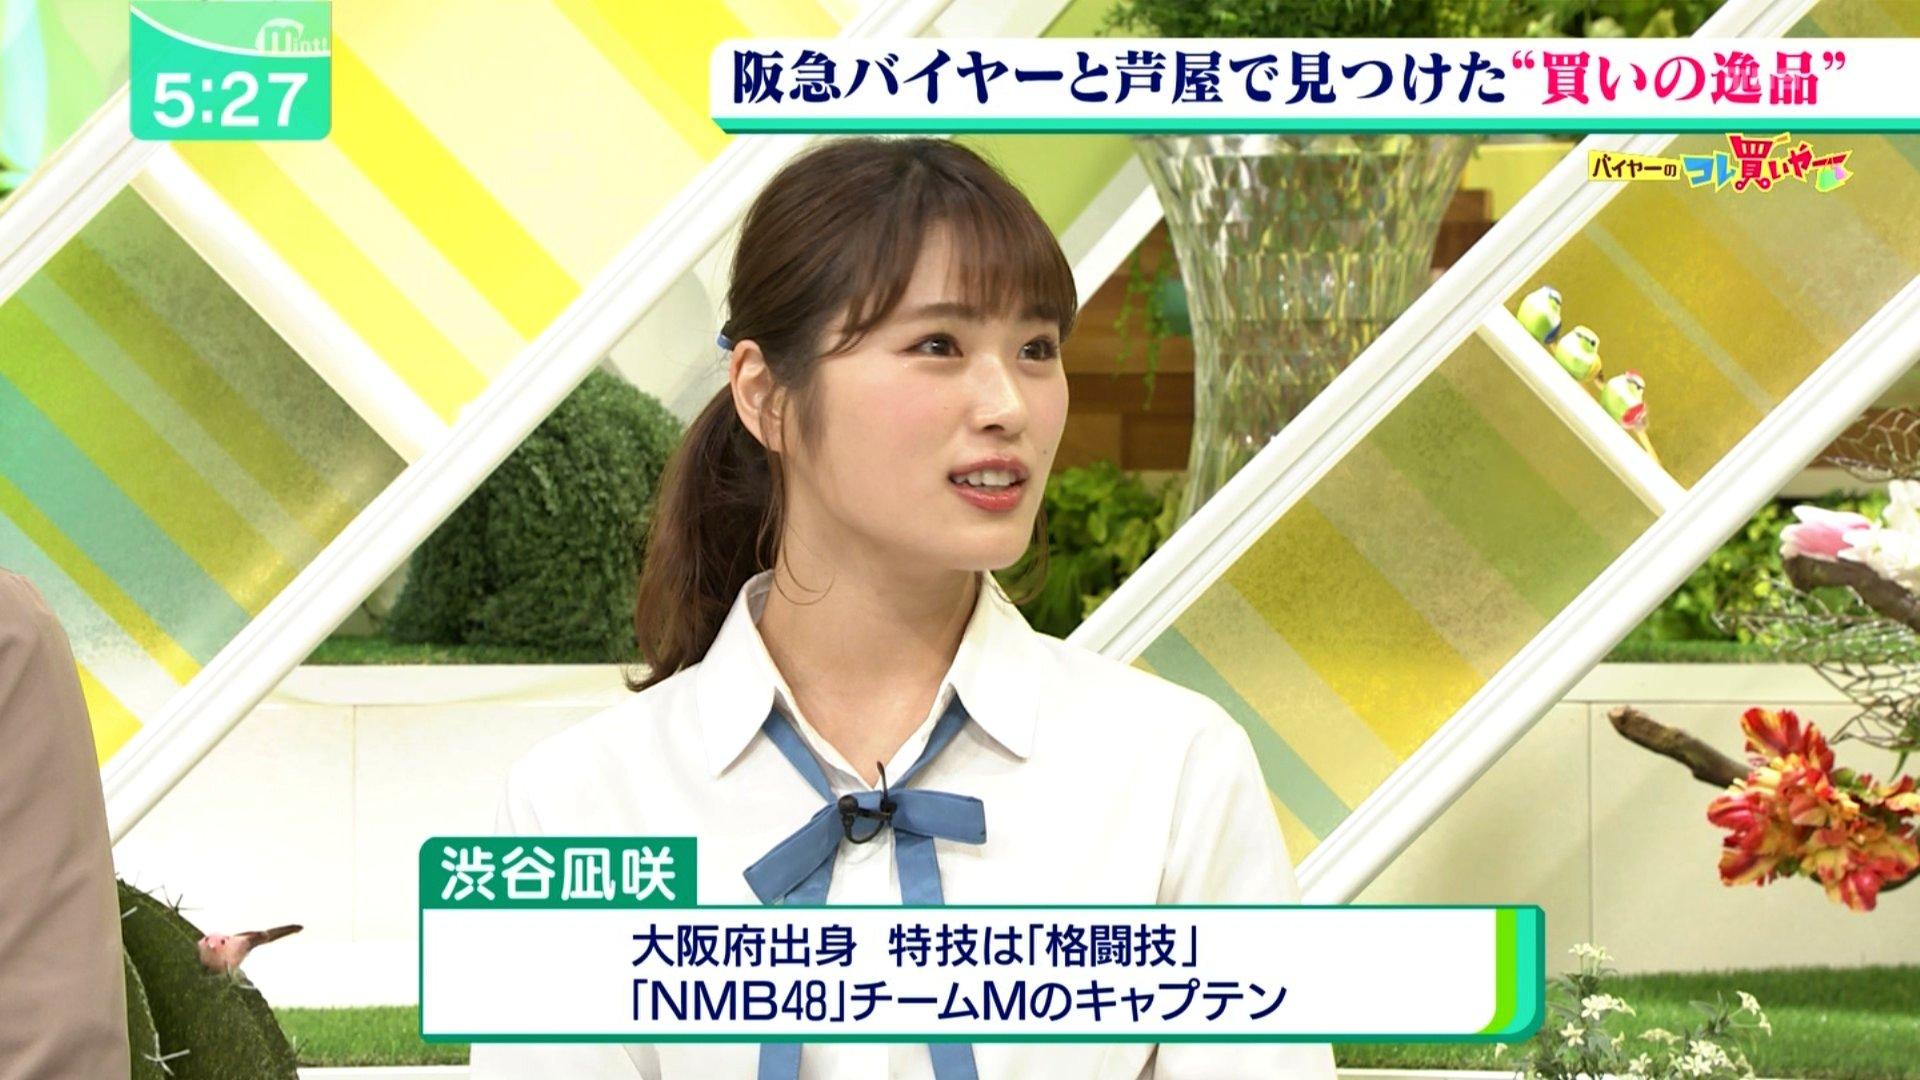 2019年4月24日「ミント!」・渋谷凪咲の画像